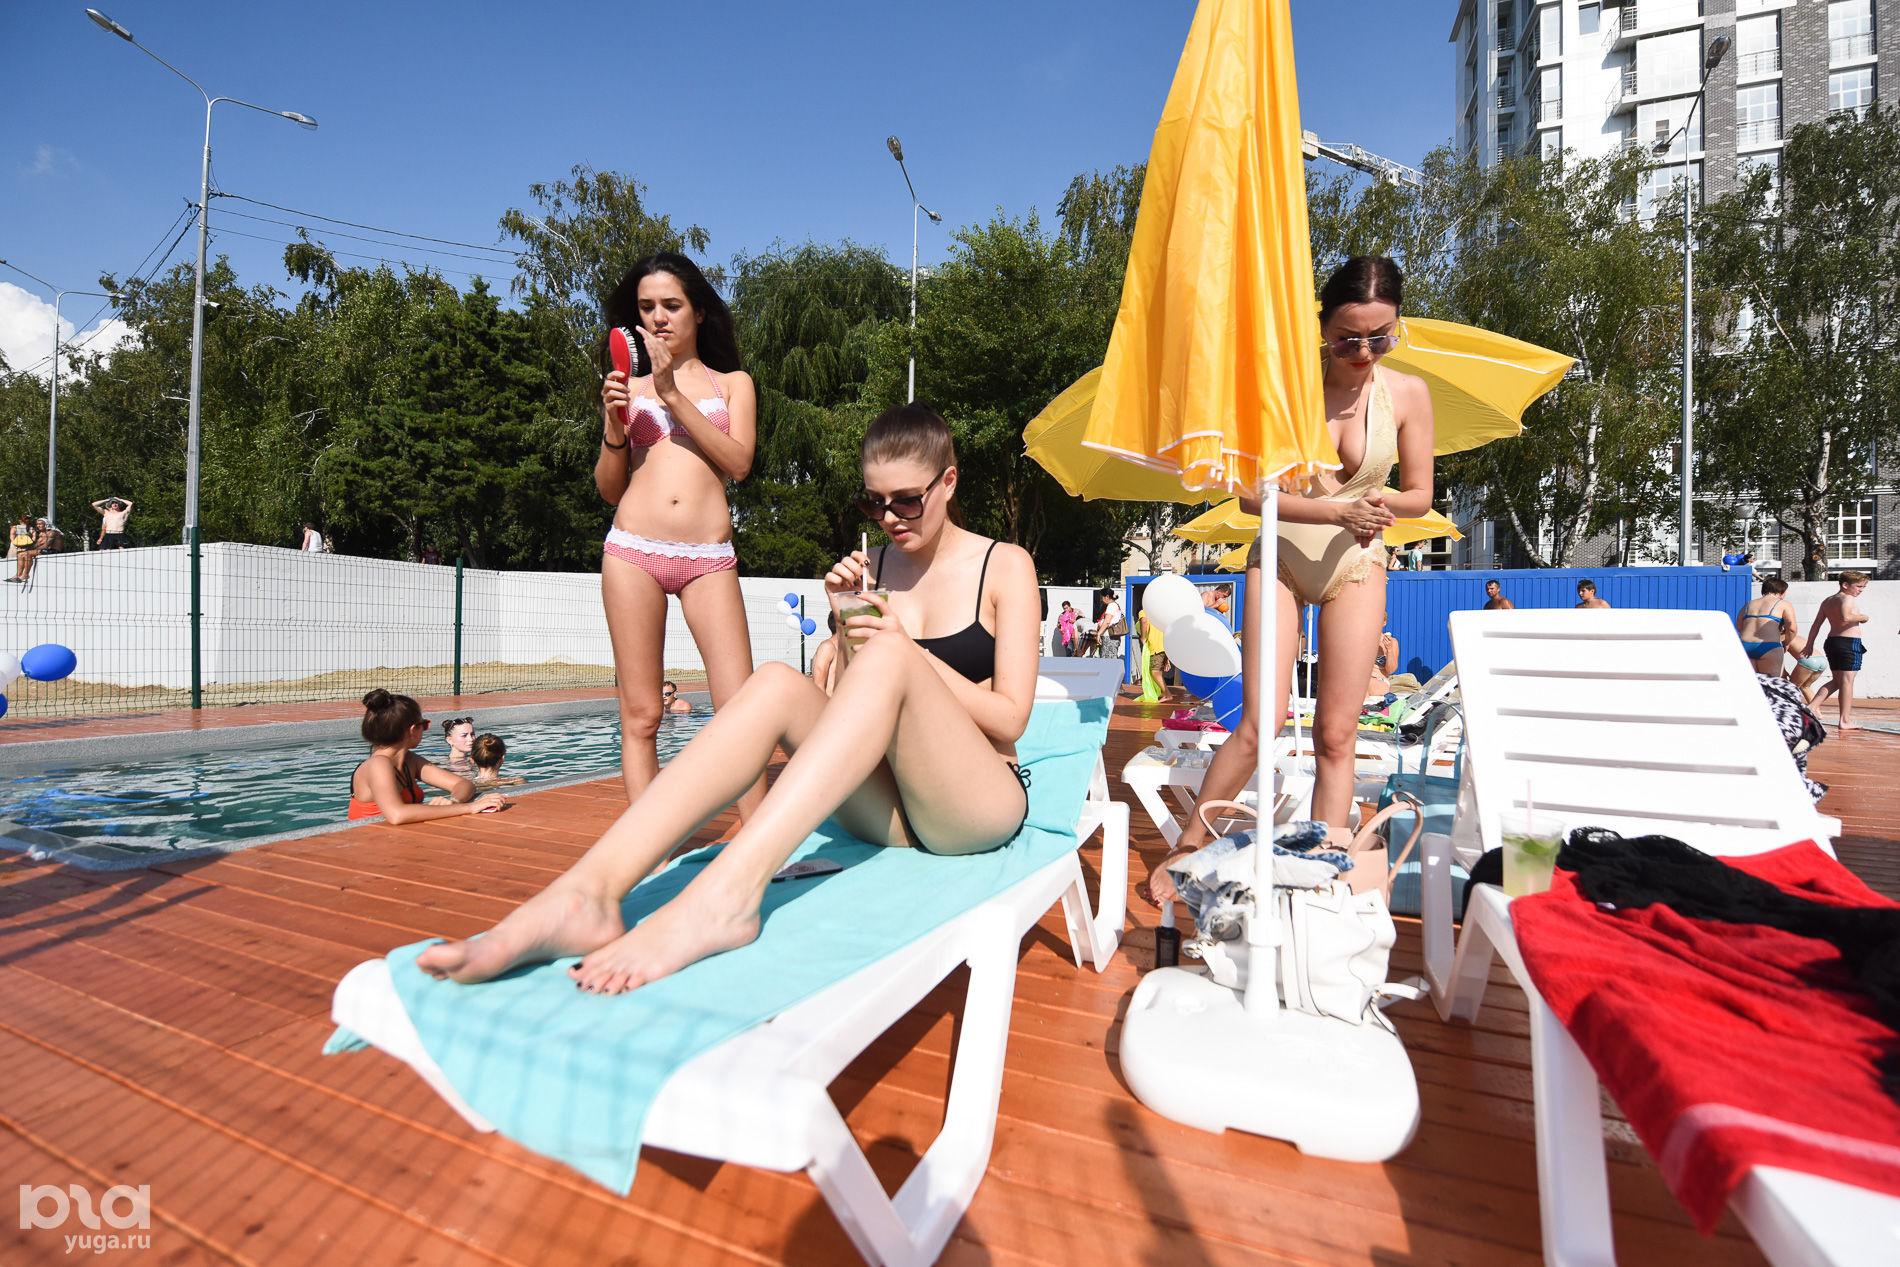 избавит открытие краснодарского пляжа фото пергола